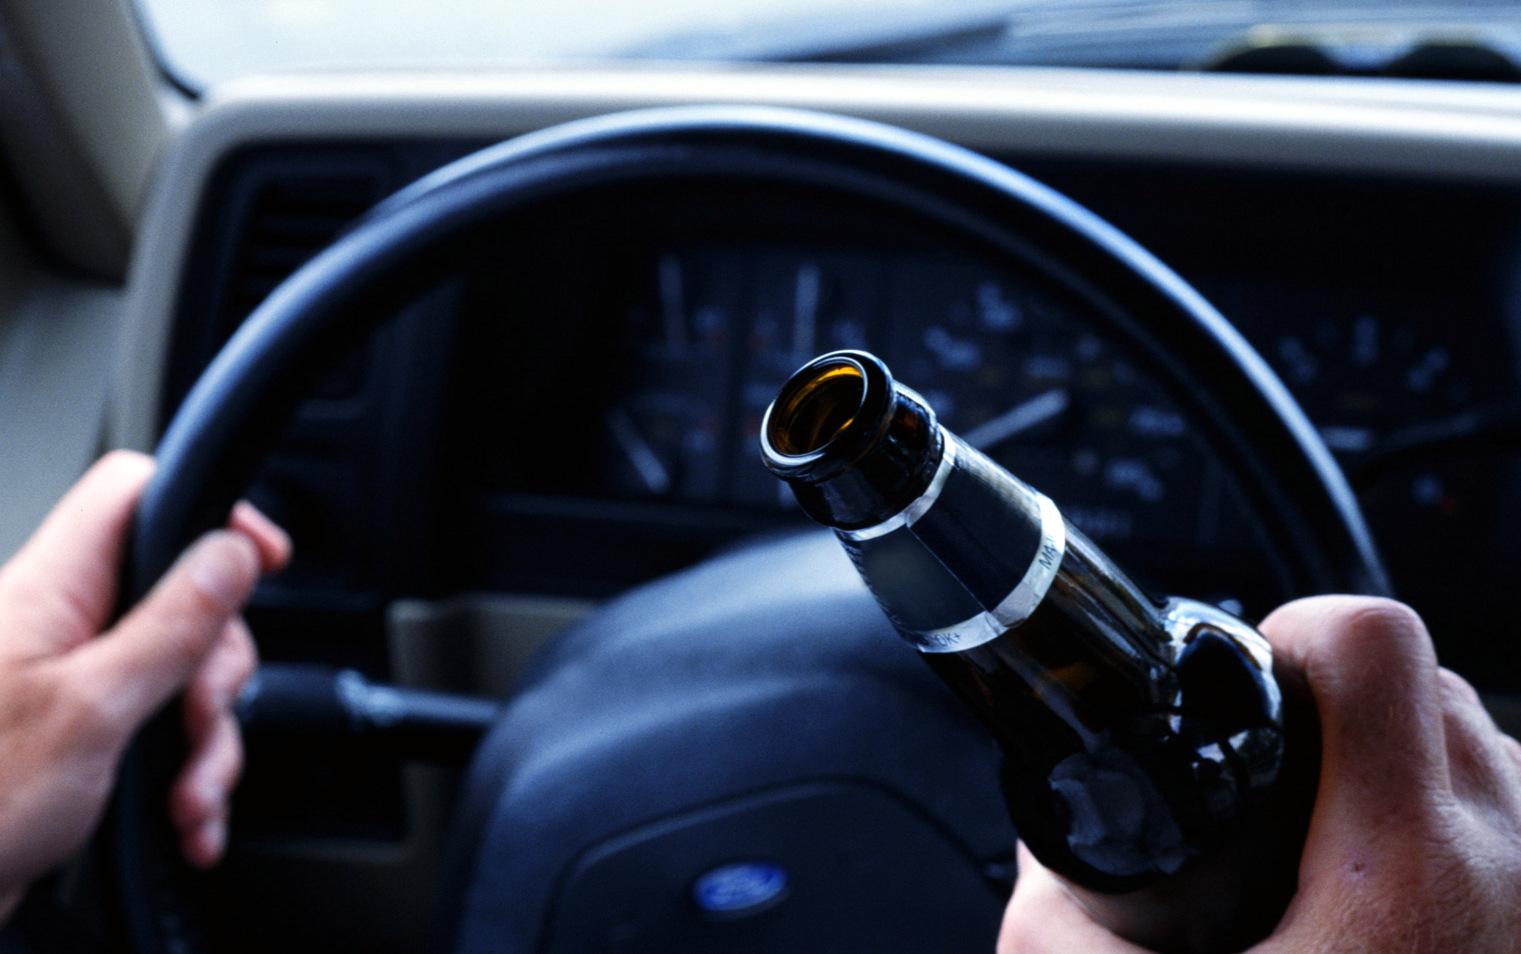 С почином! У пьяного мужчины за рулём отобрали водительские права